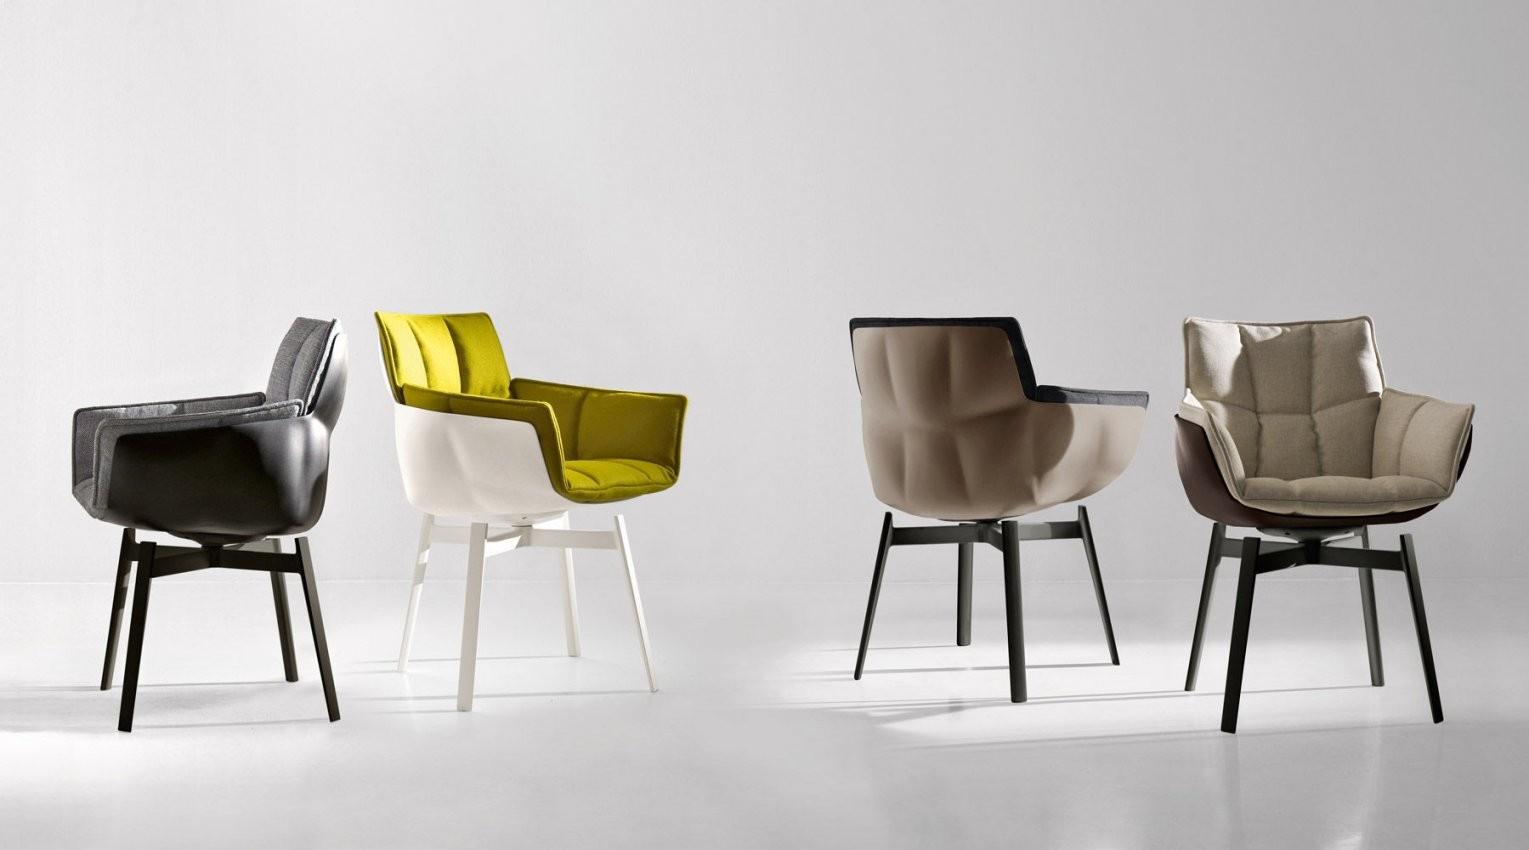 Stühle Esszimmer Modern – Deutsche Dekor 2017 – Line Kaufen Beliebt von Stühle Modernes Design Bild